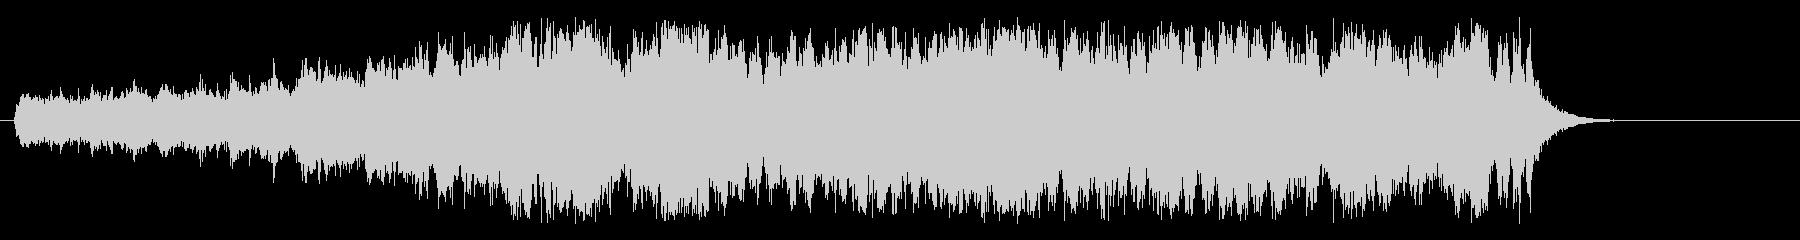 広がりのあるシンフォニックテーマの未再生の波形